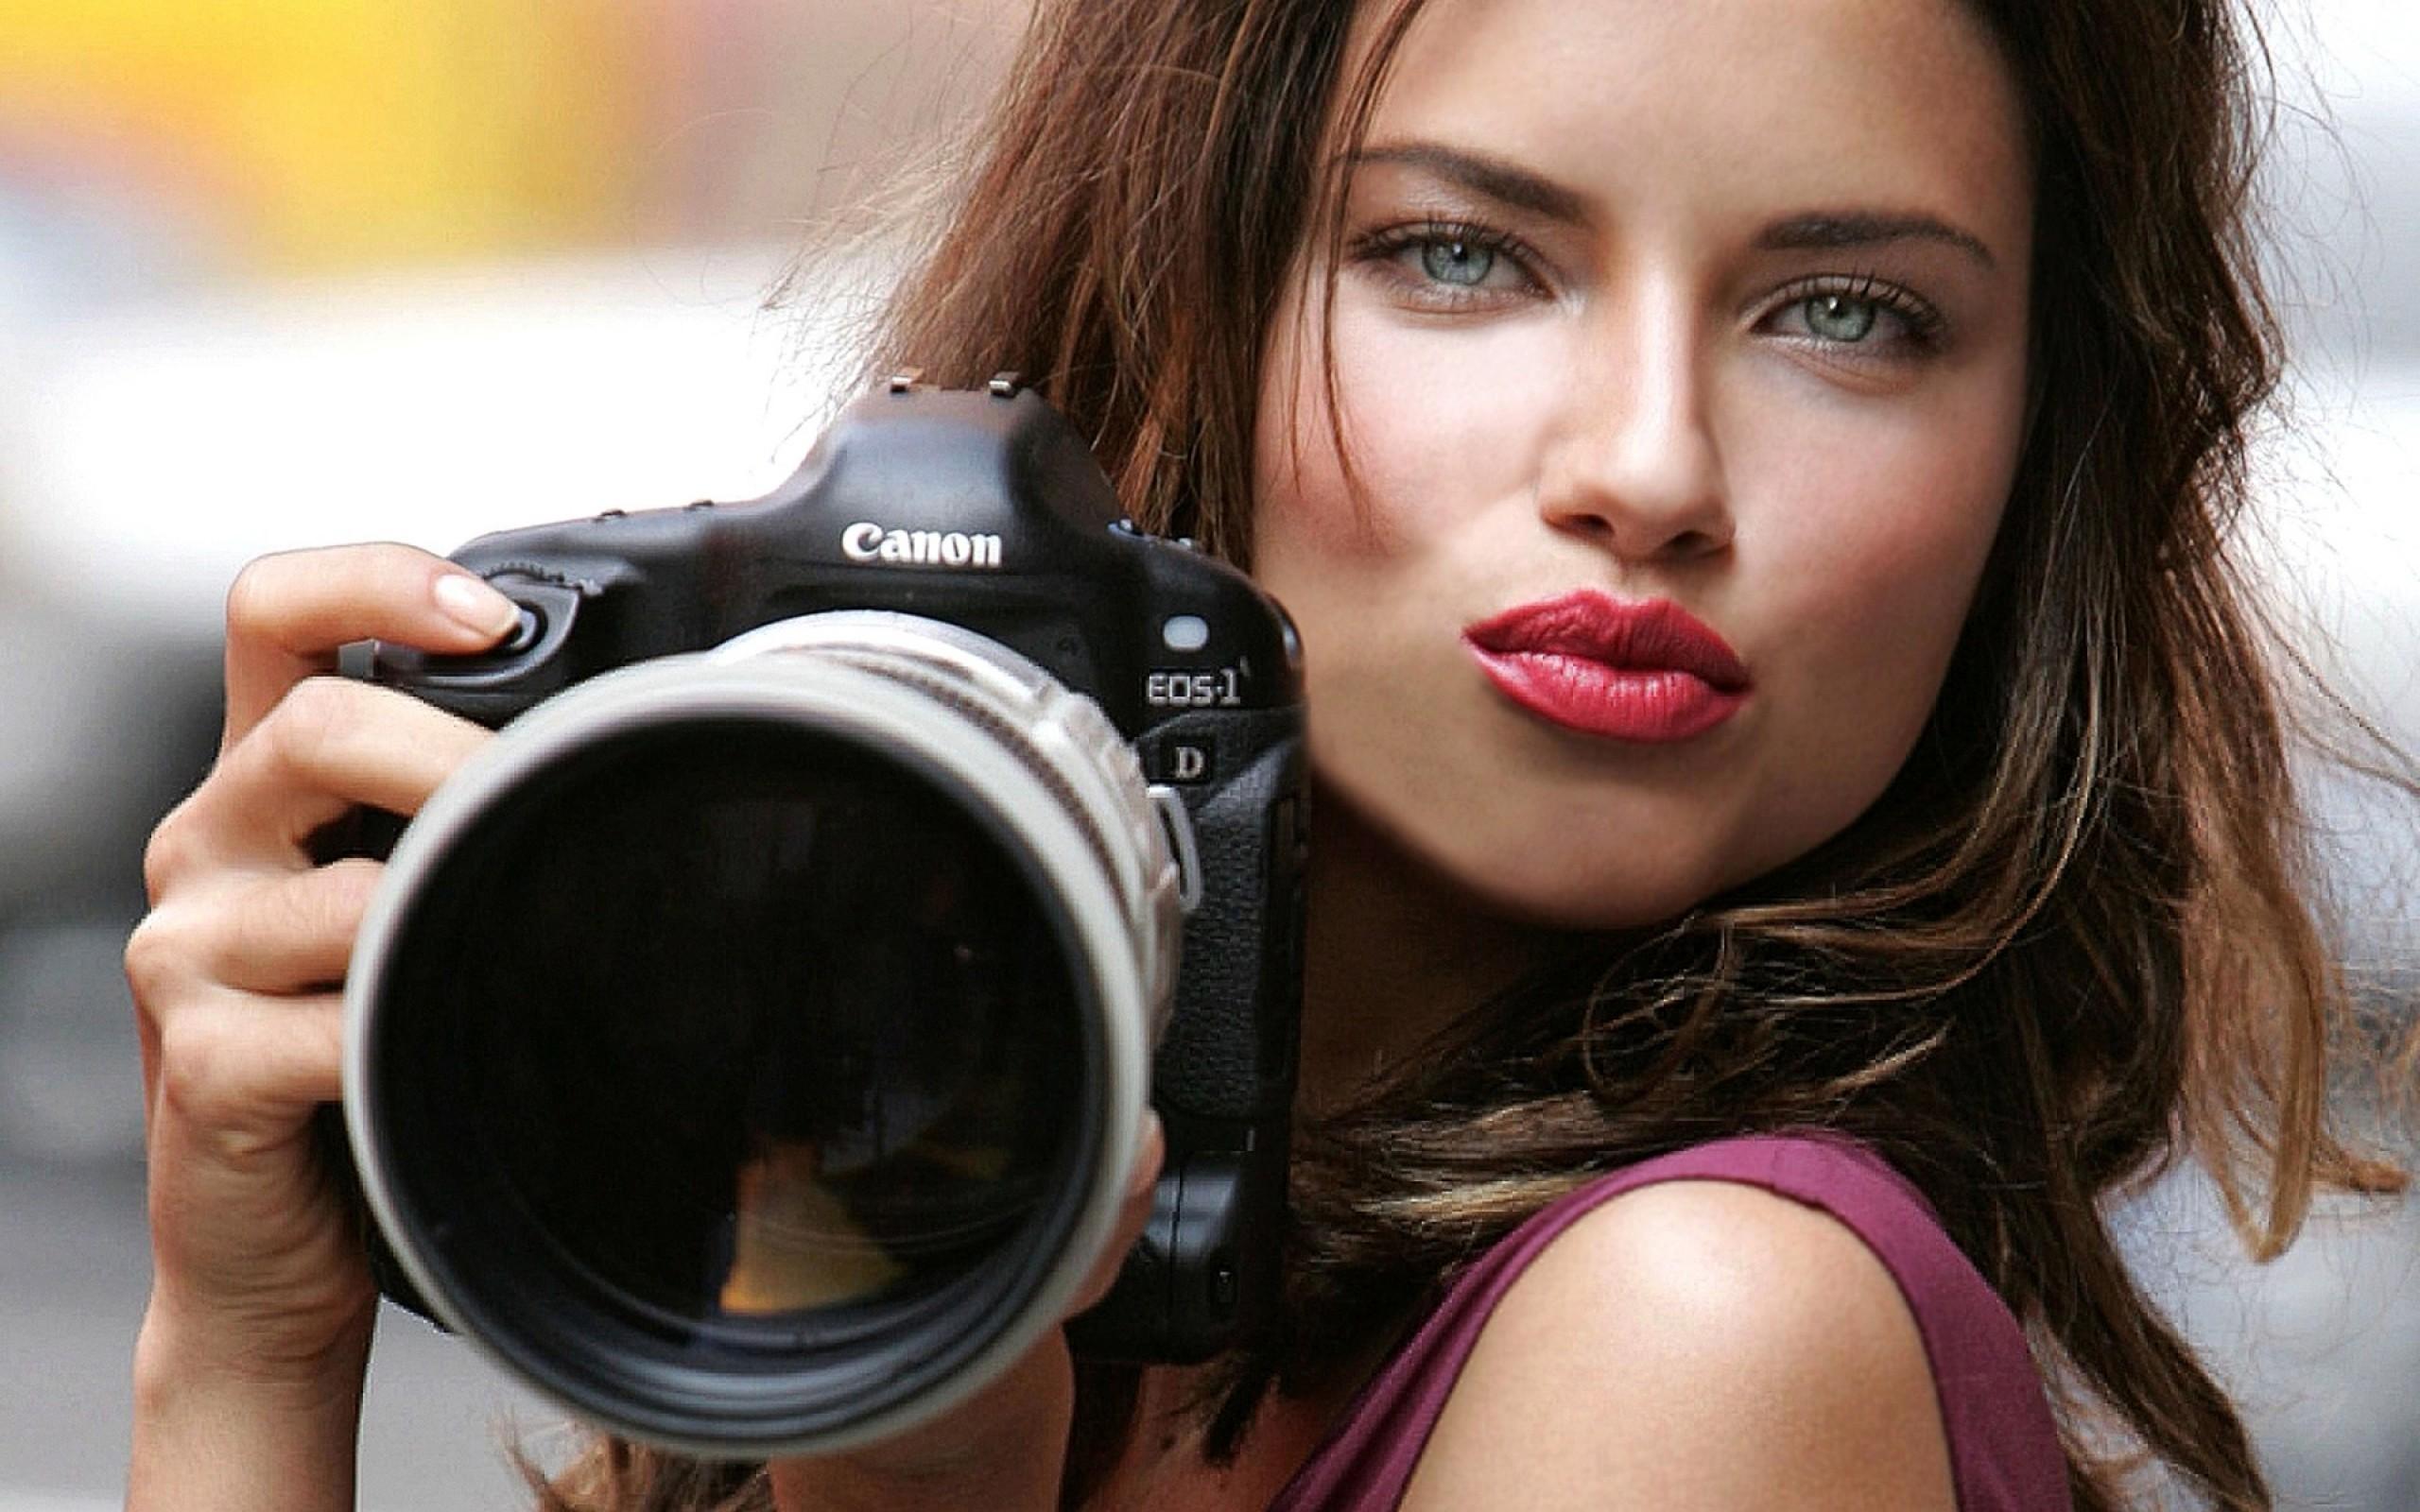 Una chica periodista - 2560x1600